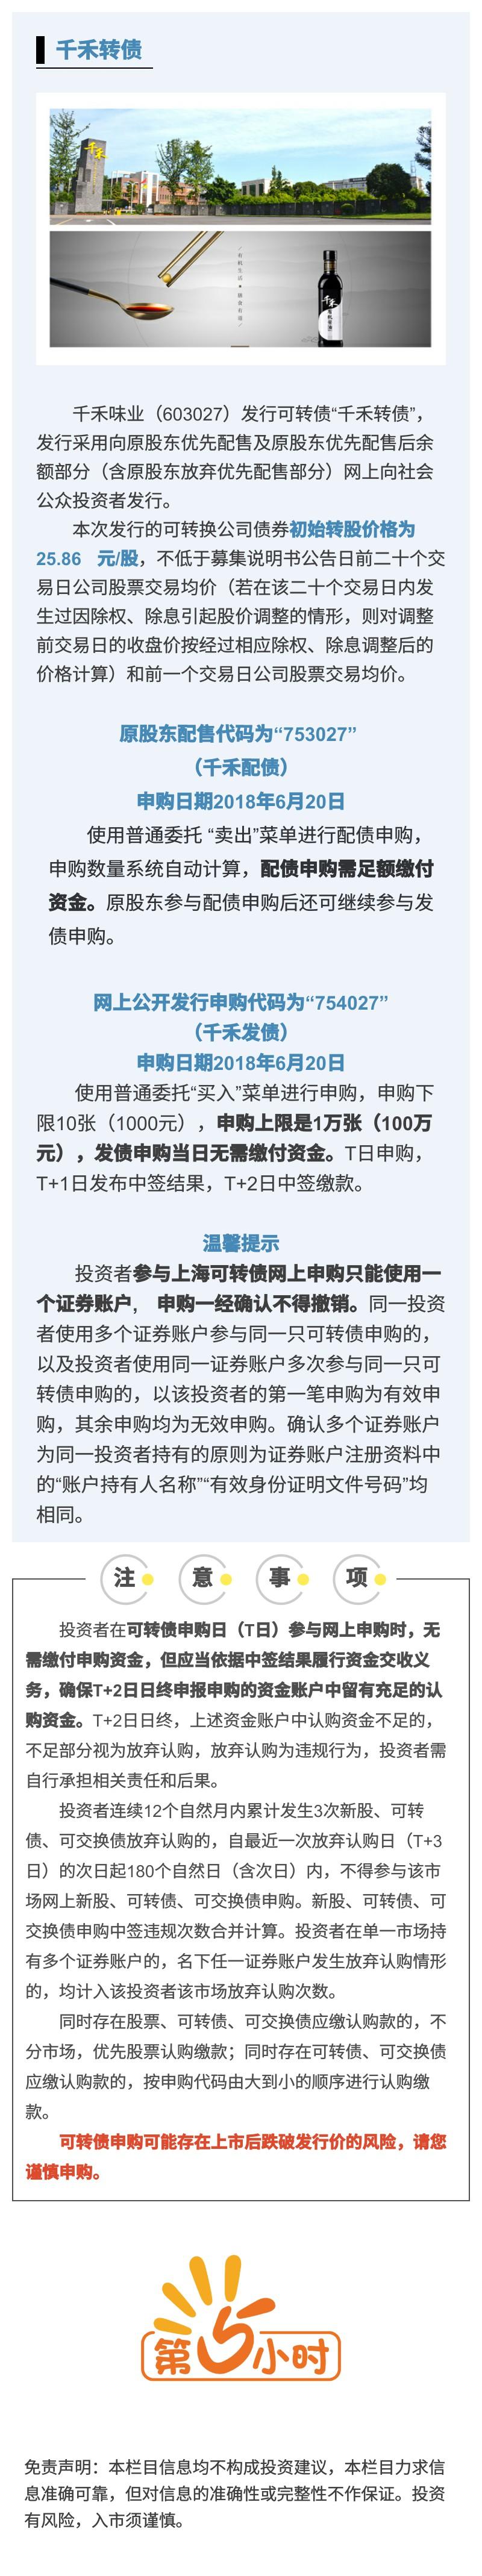 【新债申购】千禾味业(603027)公开发行可转换公司债.jpg